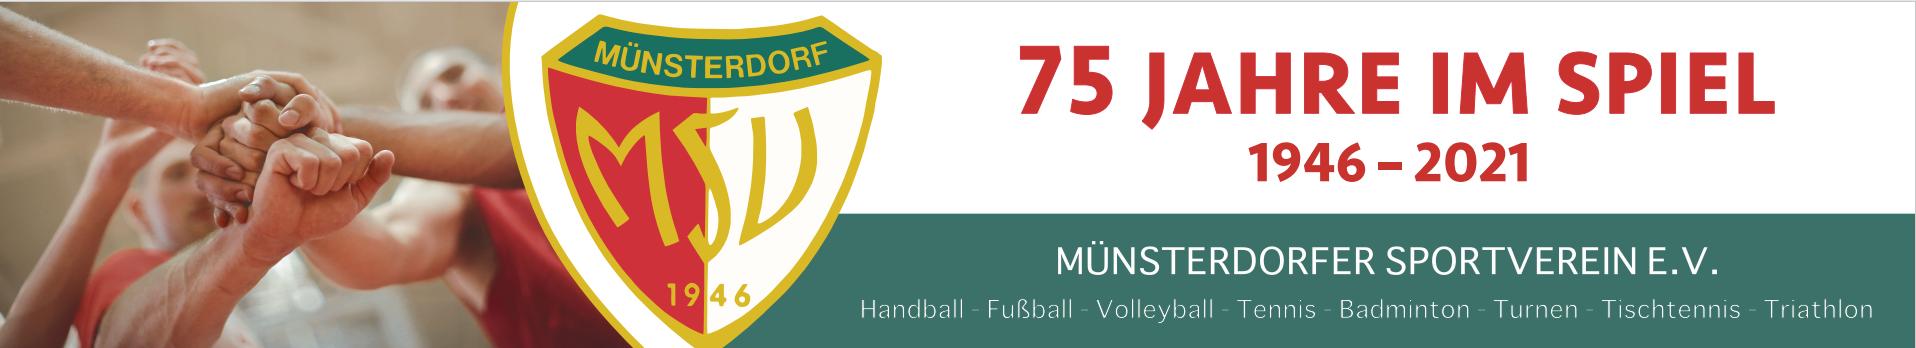 Münsterdorfer Sportverein